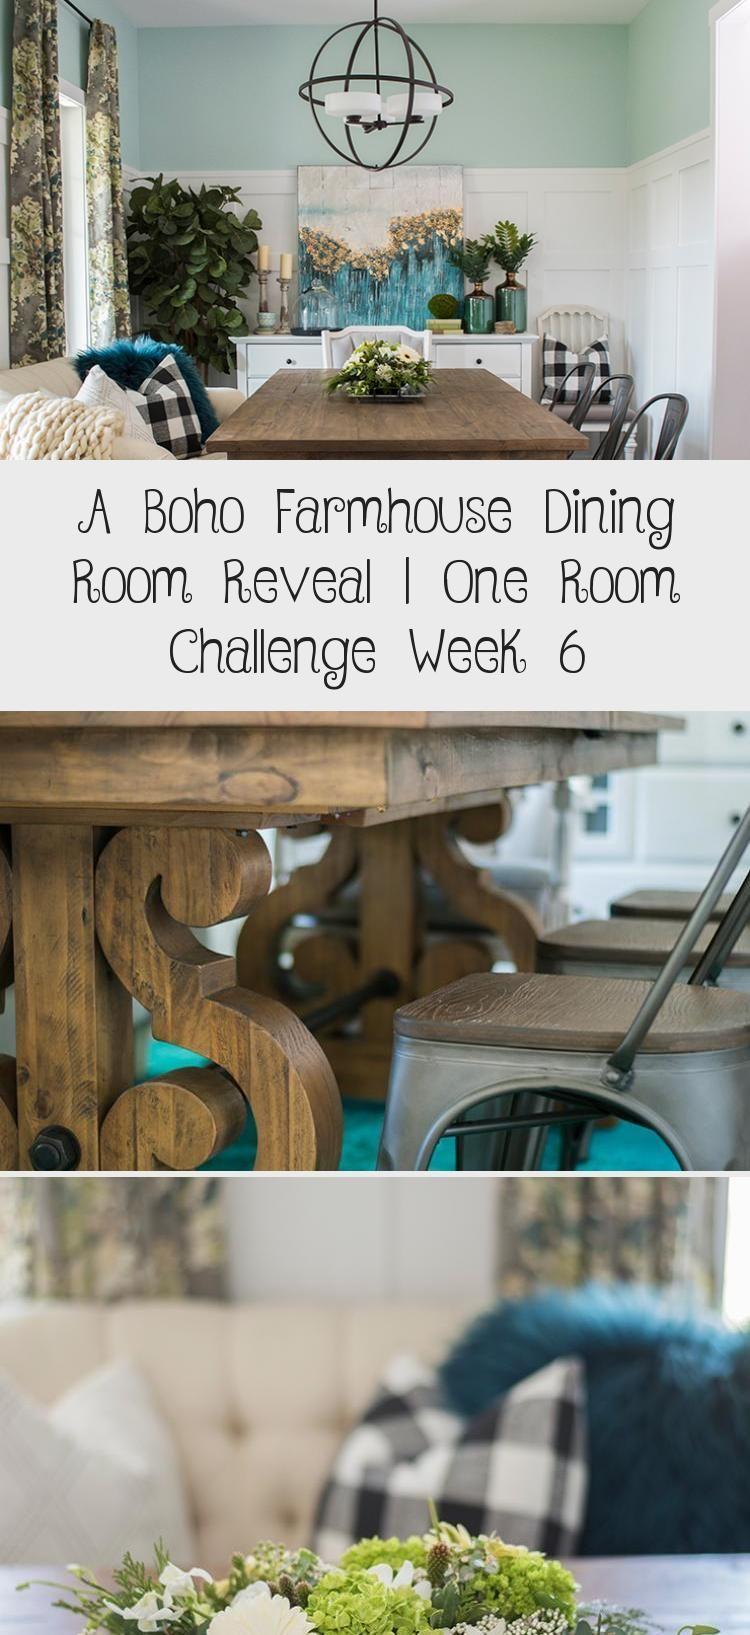 Ein Boho Bauernhaus Esszimmer enthüllen  One Room Challenge Woche 6  Pinokyobauernhaus